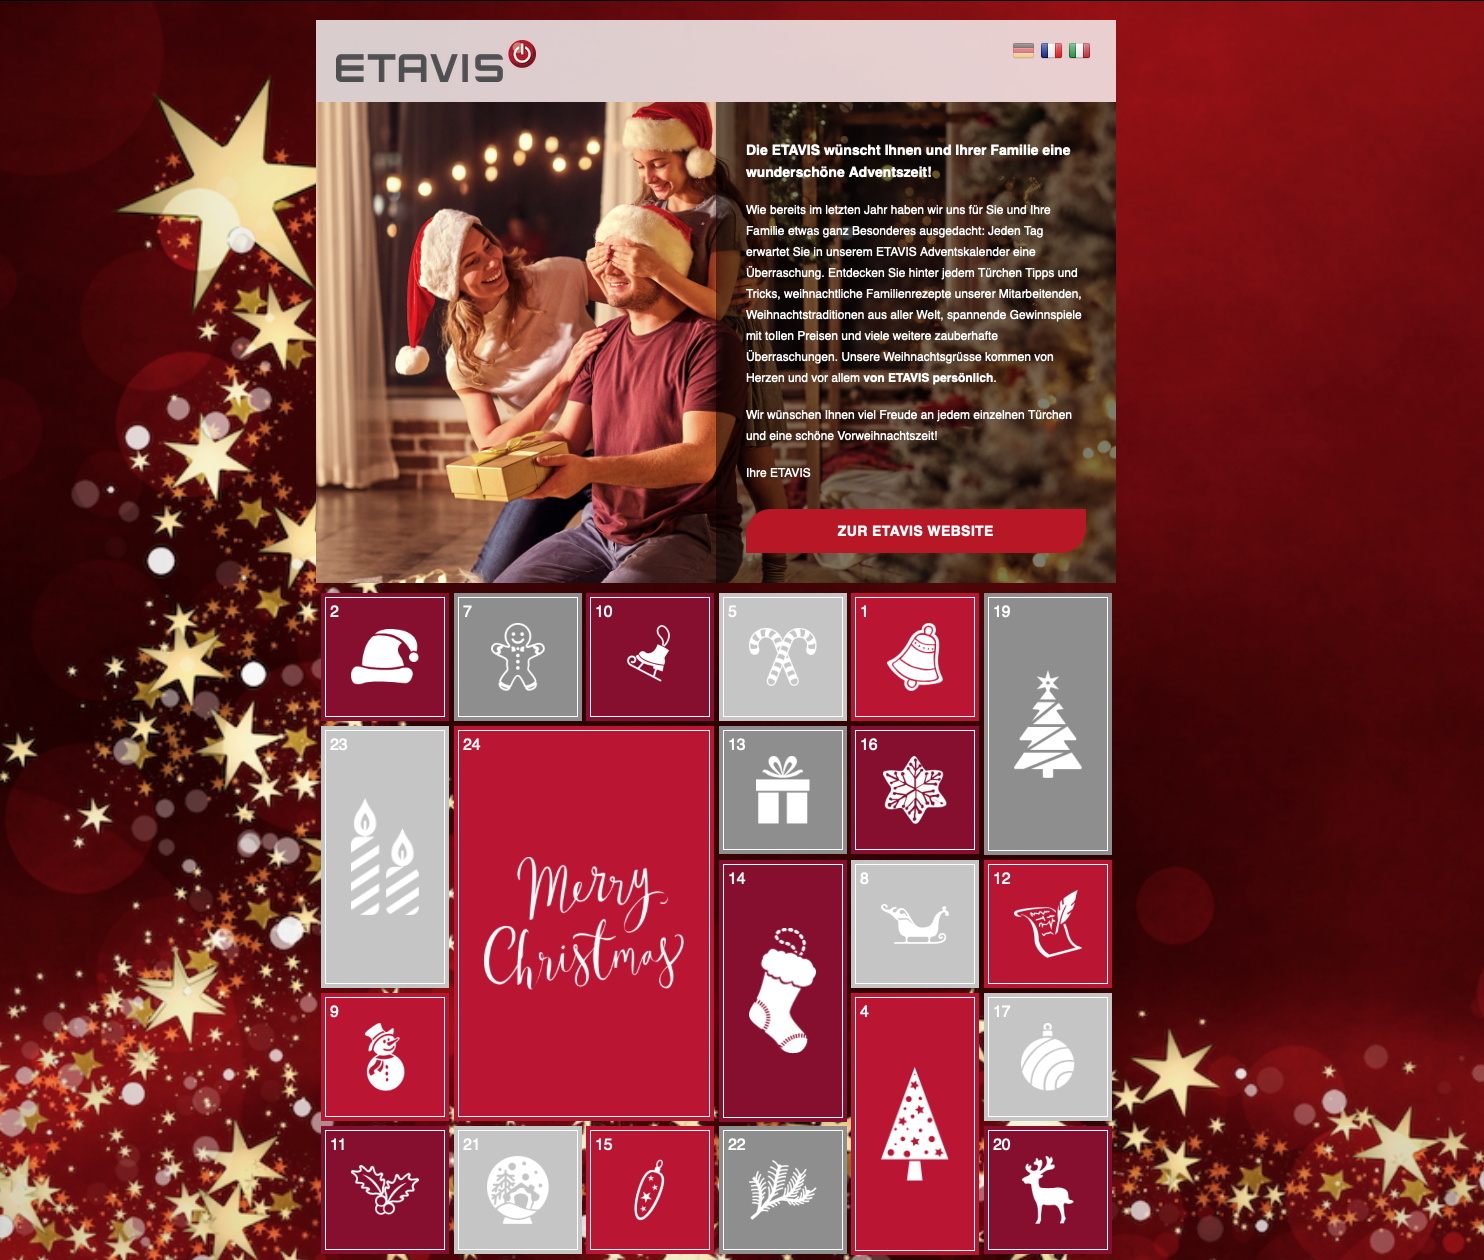 ETAVIS Adventskalender 2020: Lassen Sie sich täglich von uns überraschen